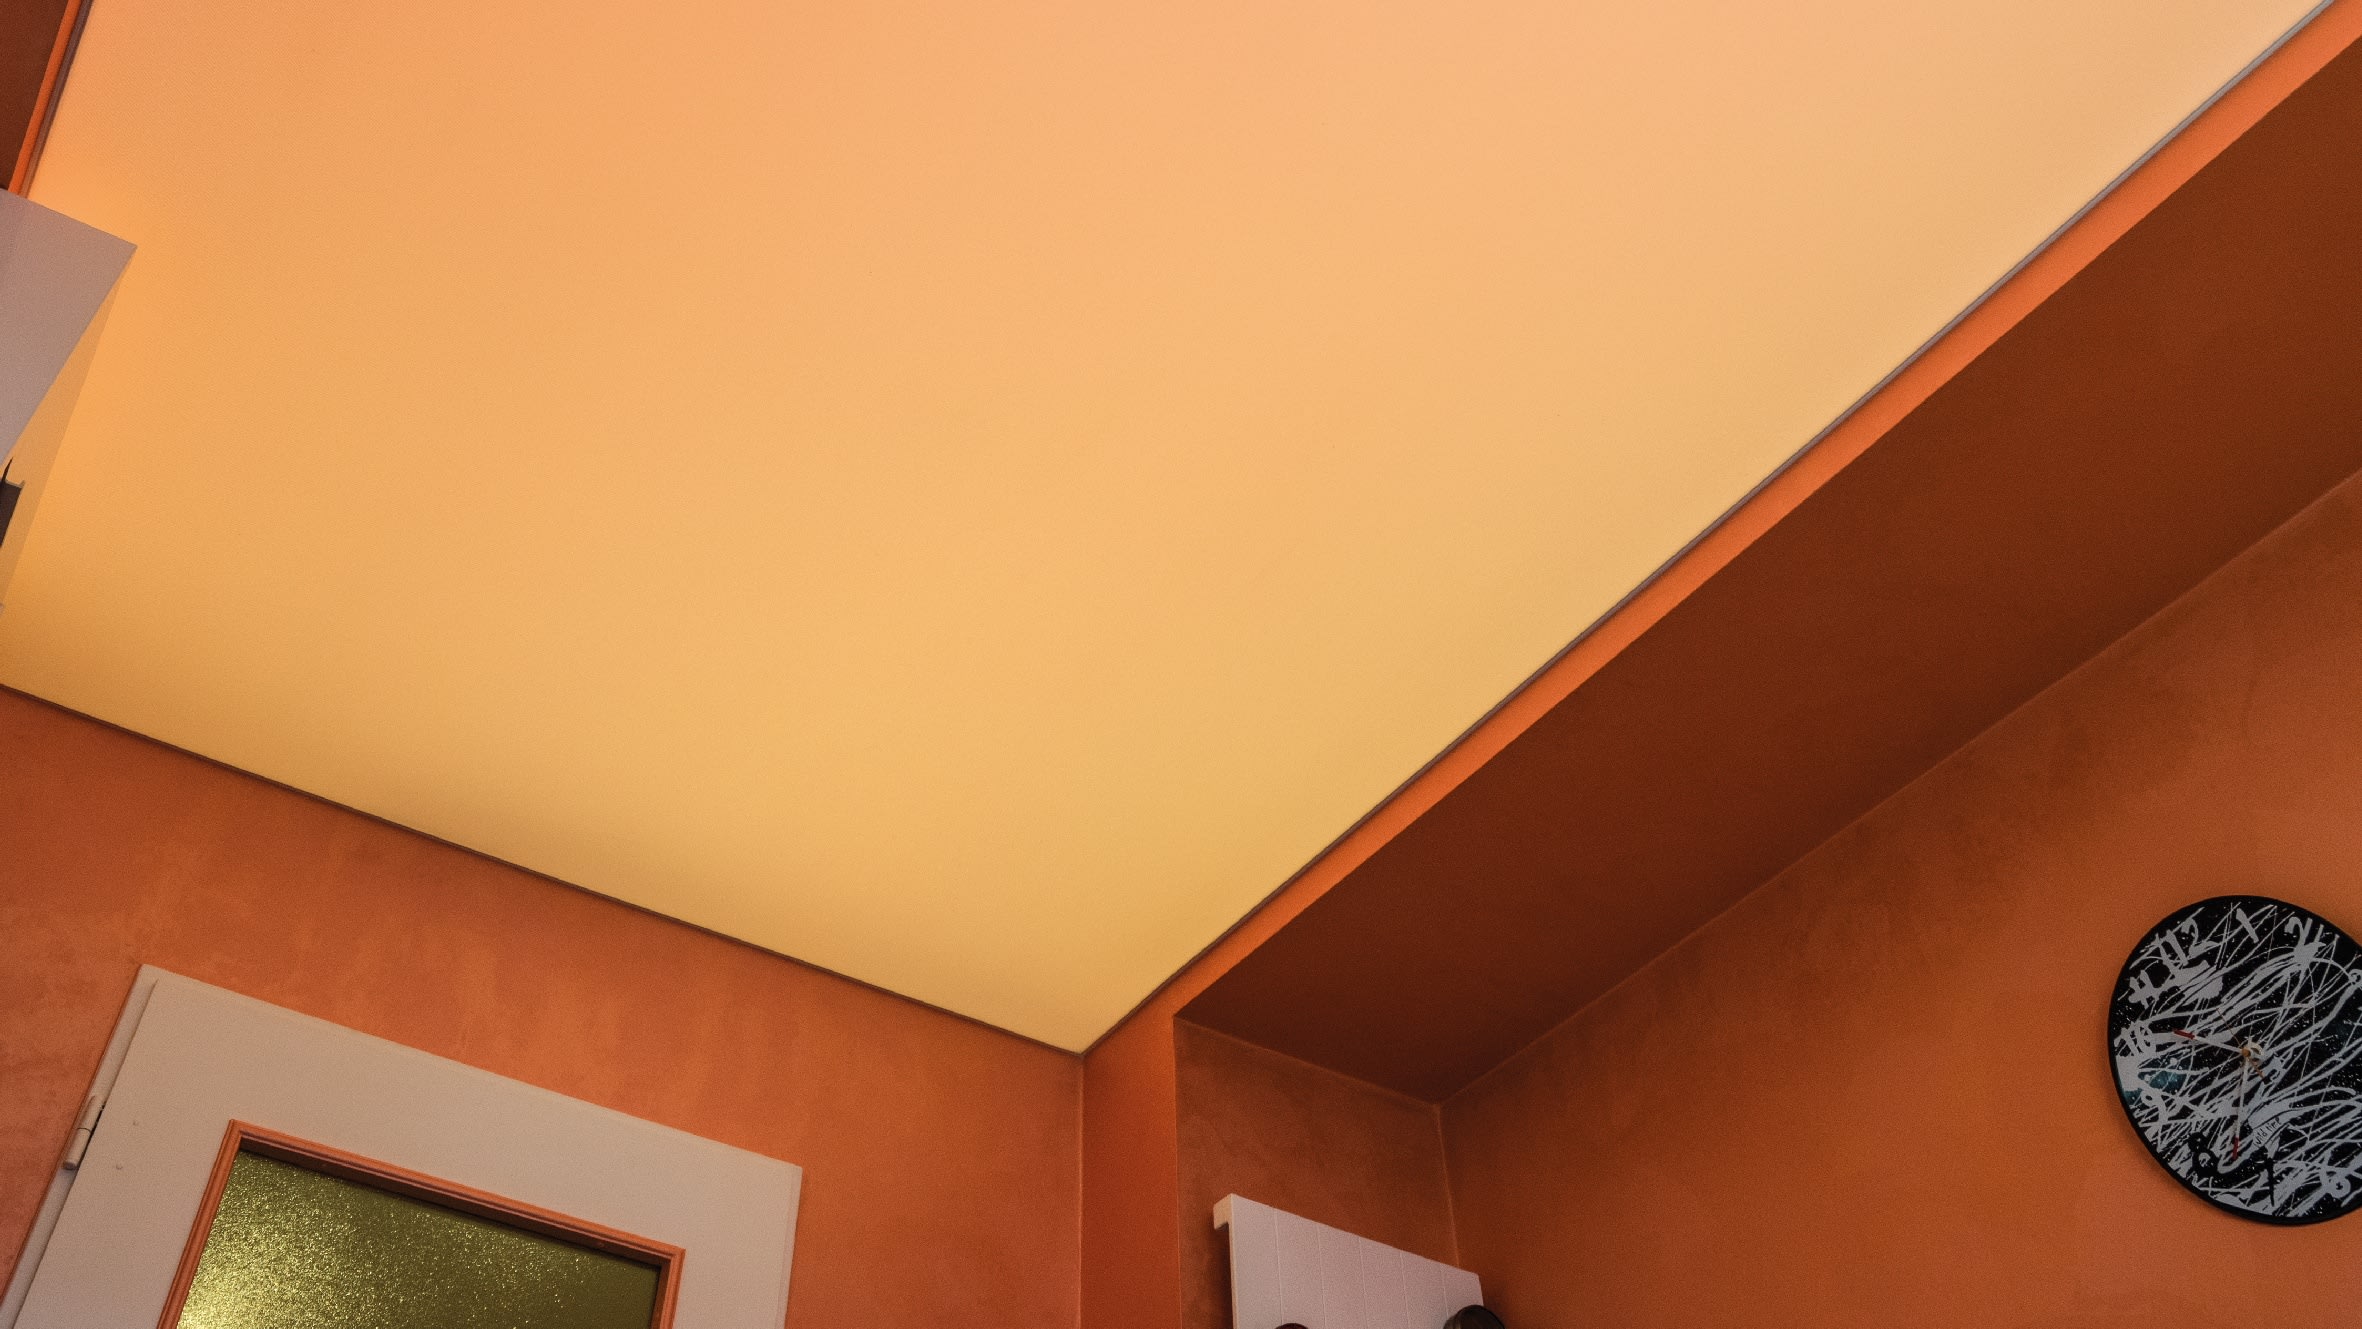 Auch weiß lässt sich einstellen, hier sollte die Decke aber zur Wand passen.